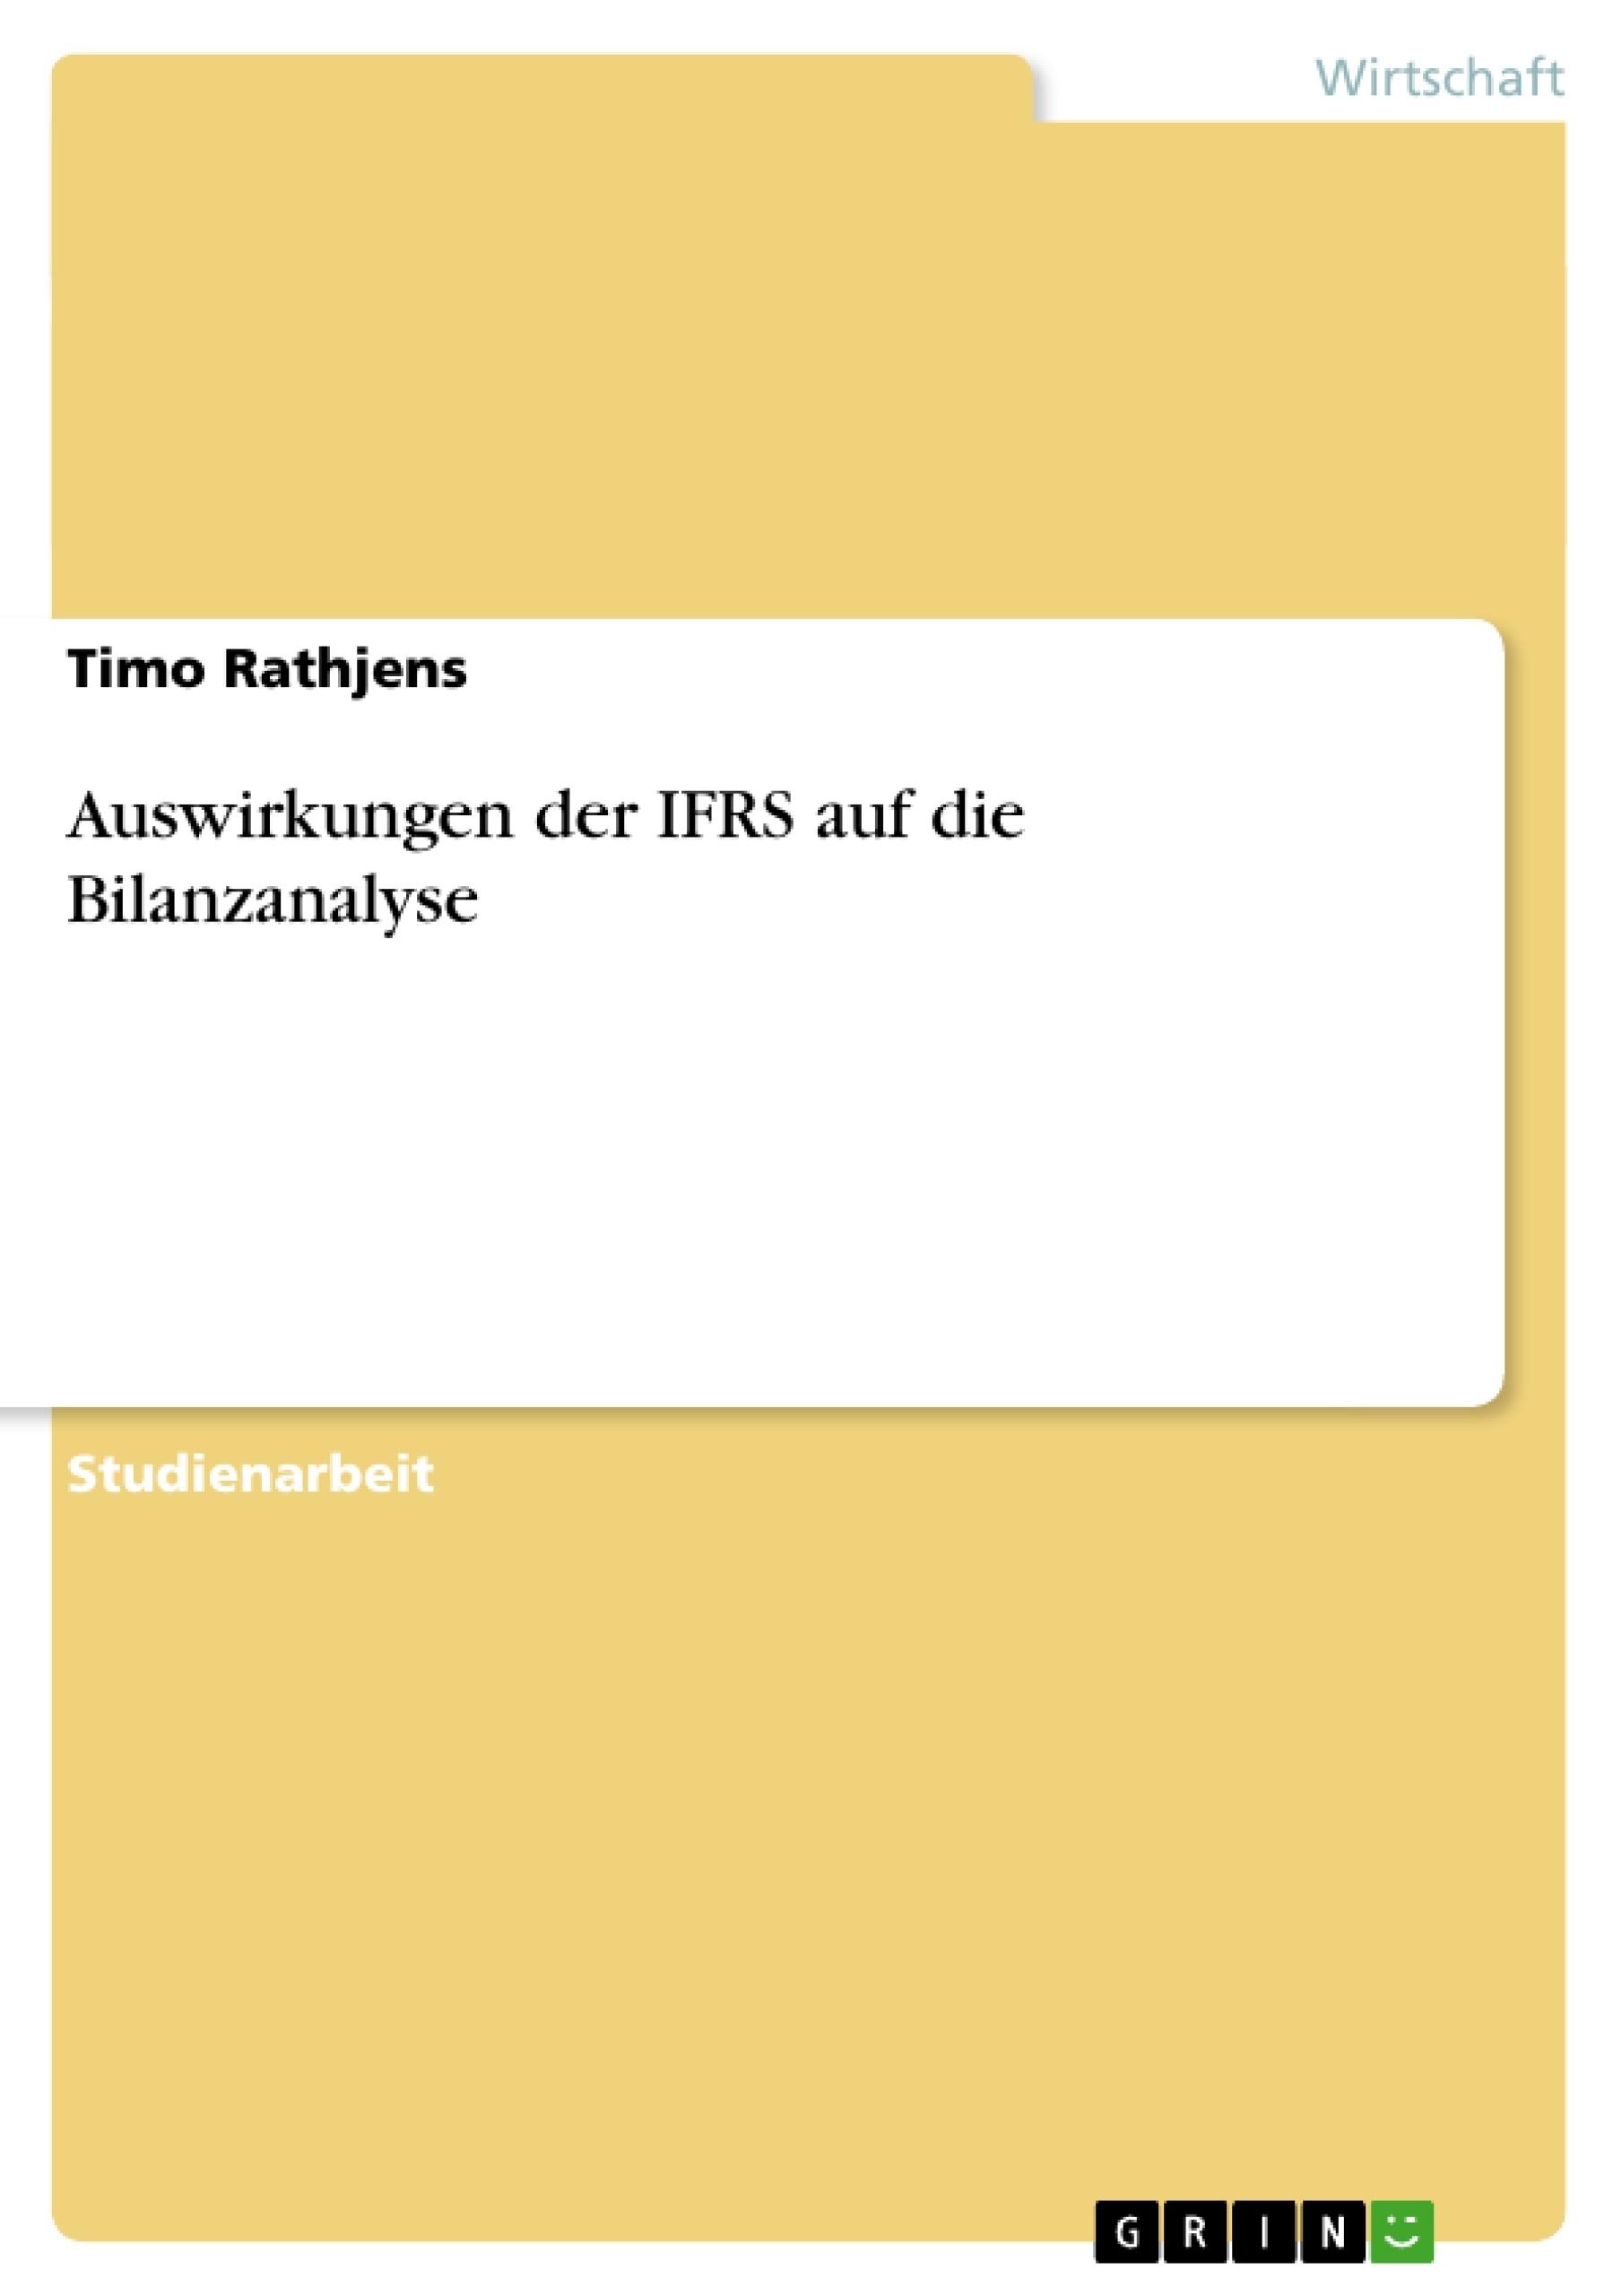 Titel: Auswirkungen der IFRS auf die Bilanzanalyse